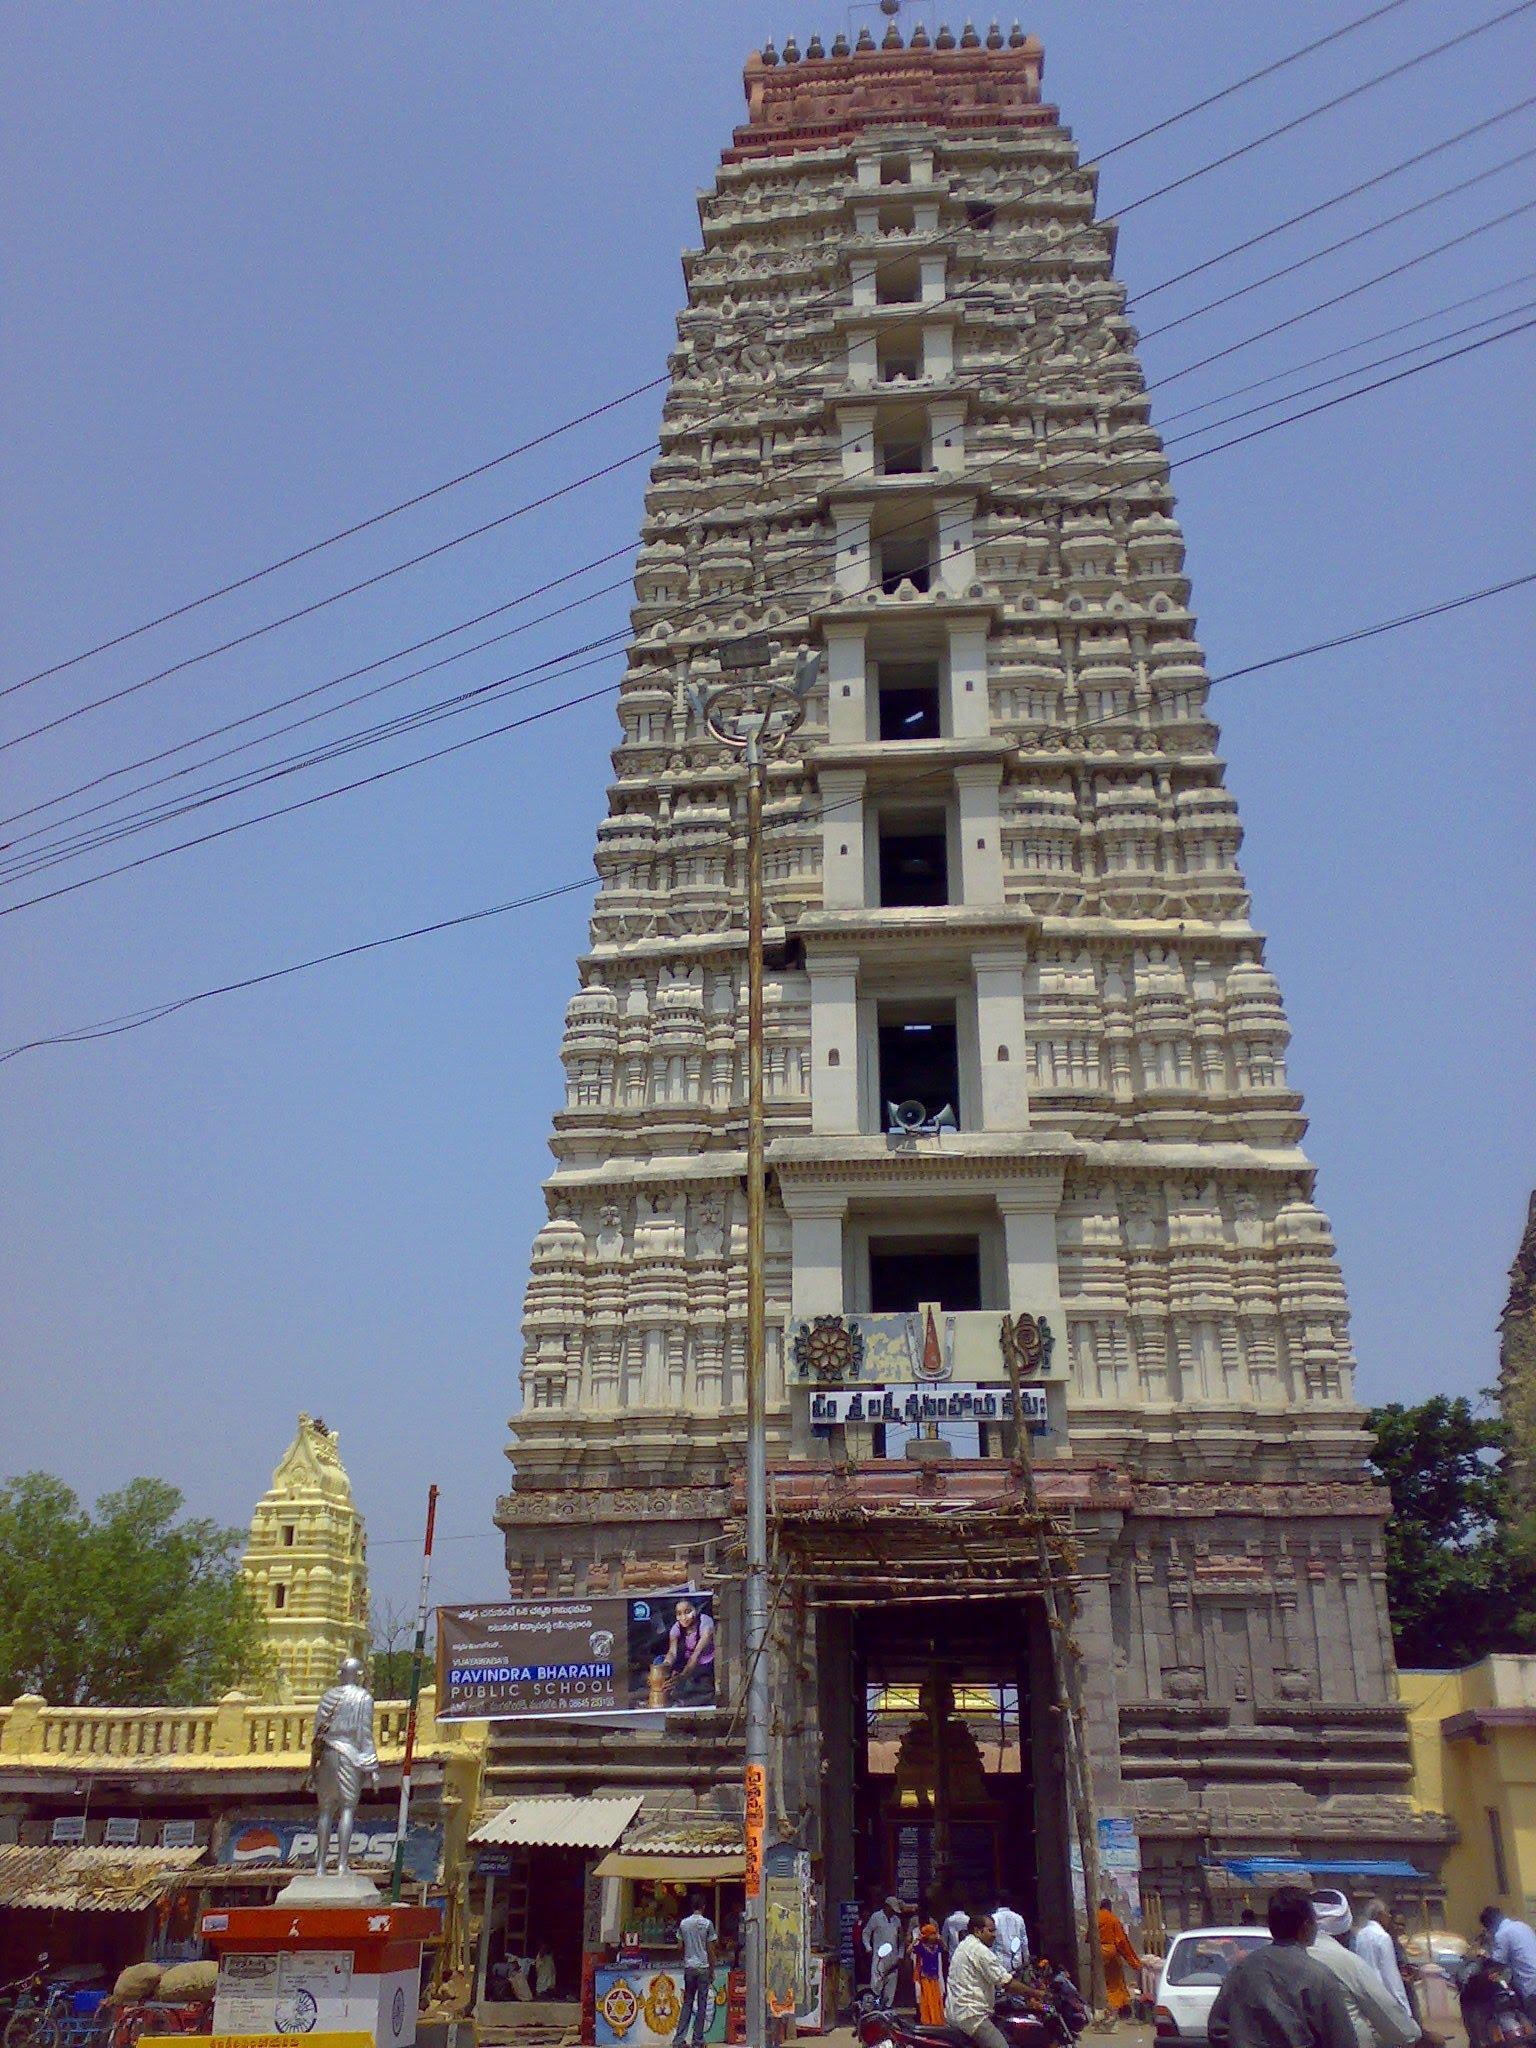 Mangalagiri Panakala Narasimha Swamy Temple